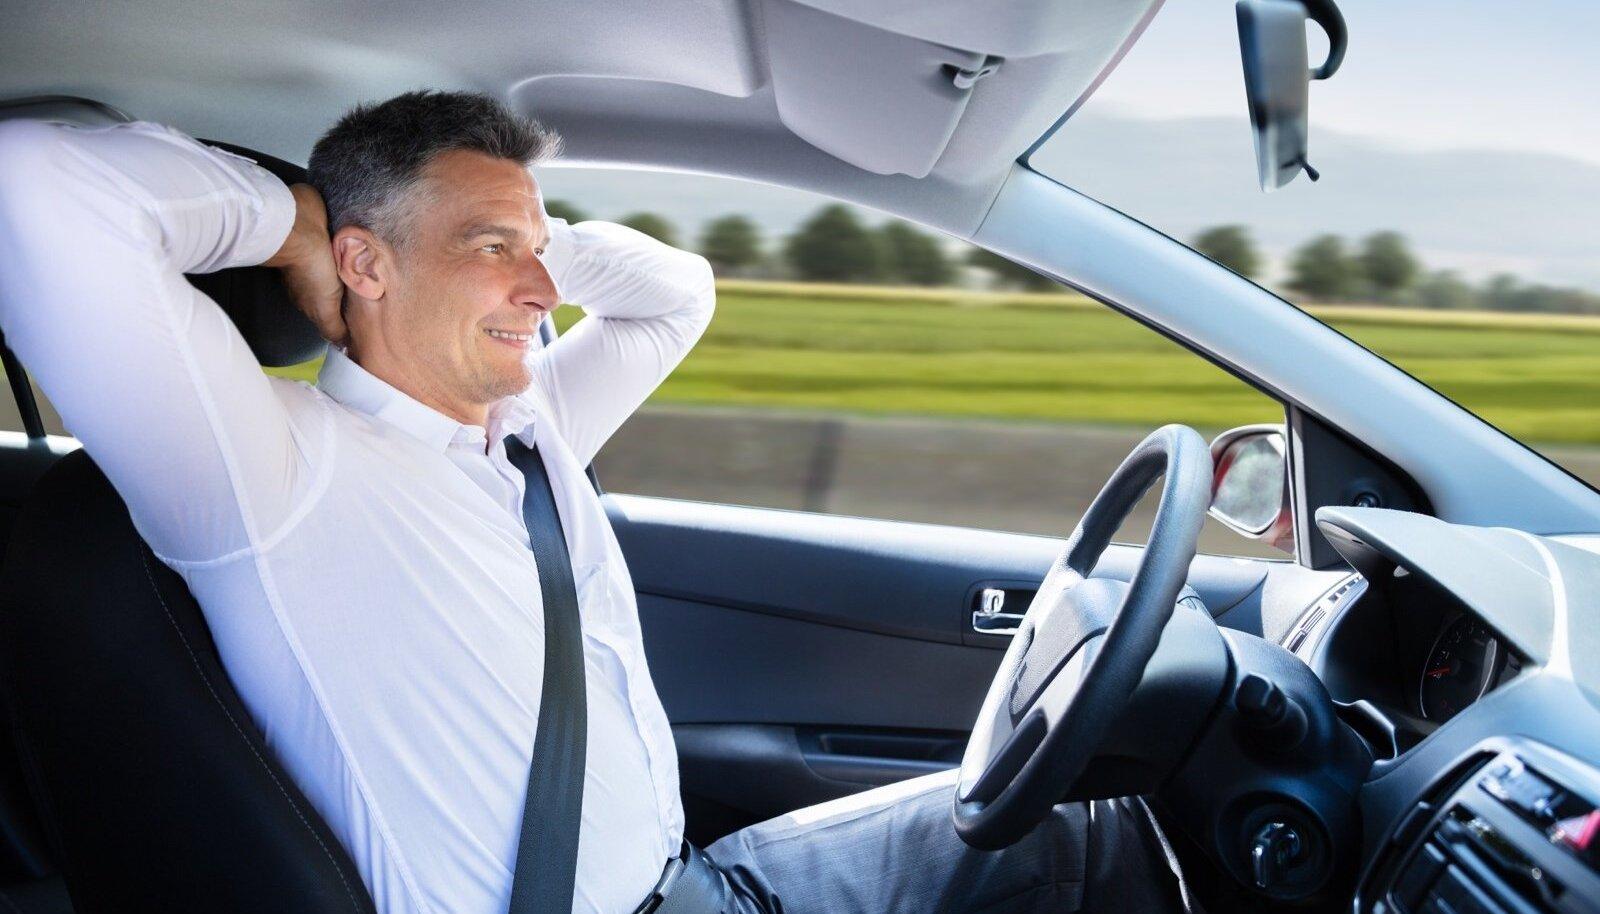 Kui auto sõidab ise, saab end rooli taga mugavalt tunda.